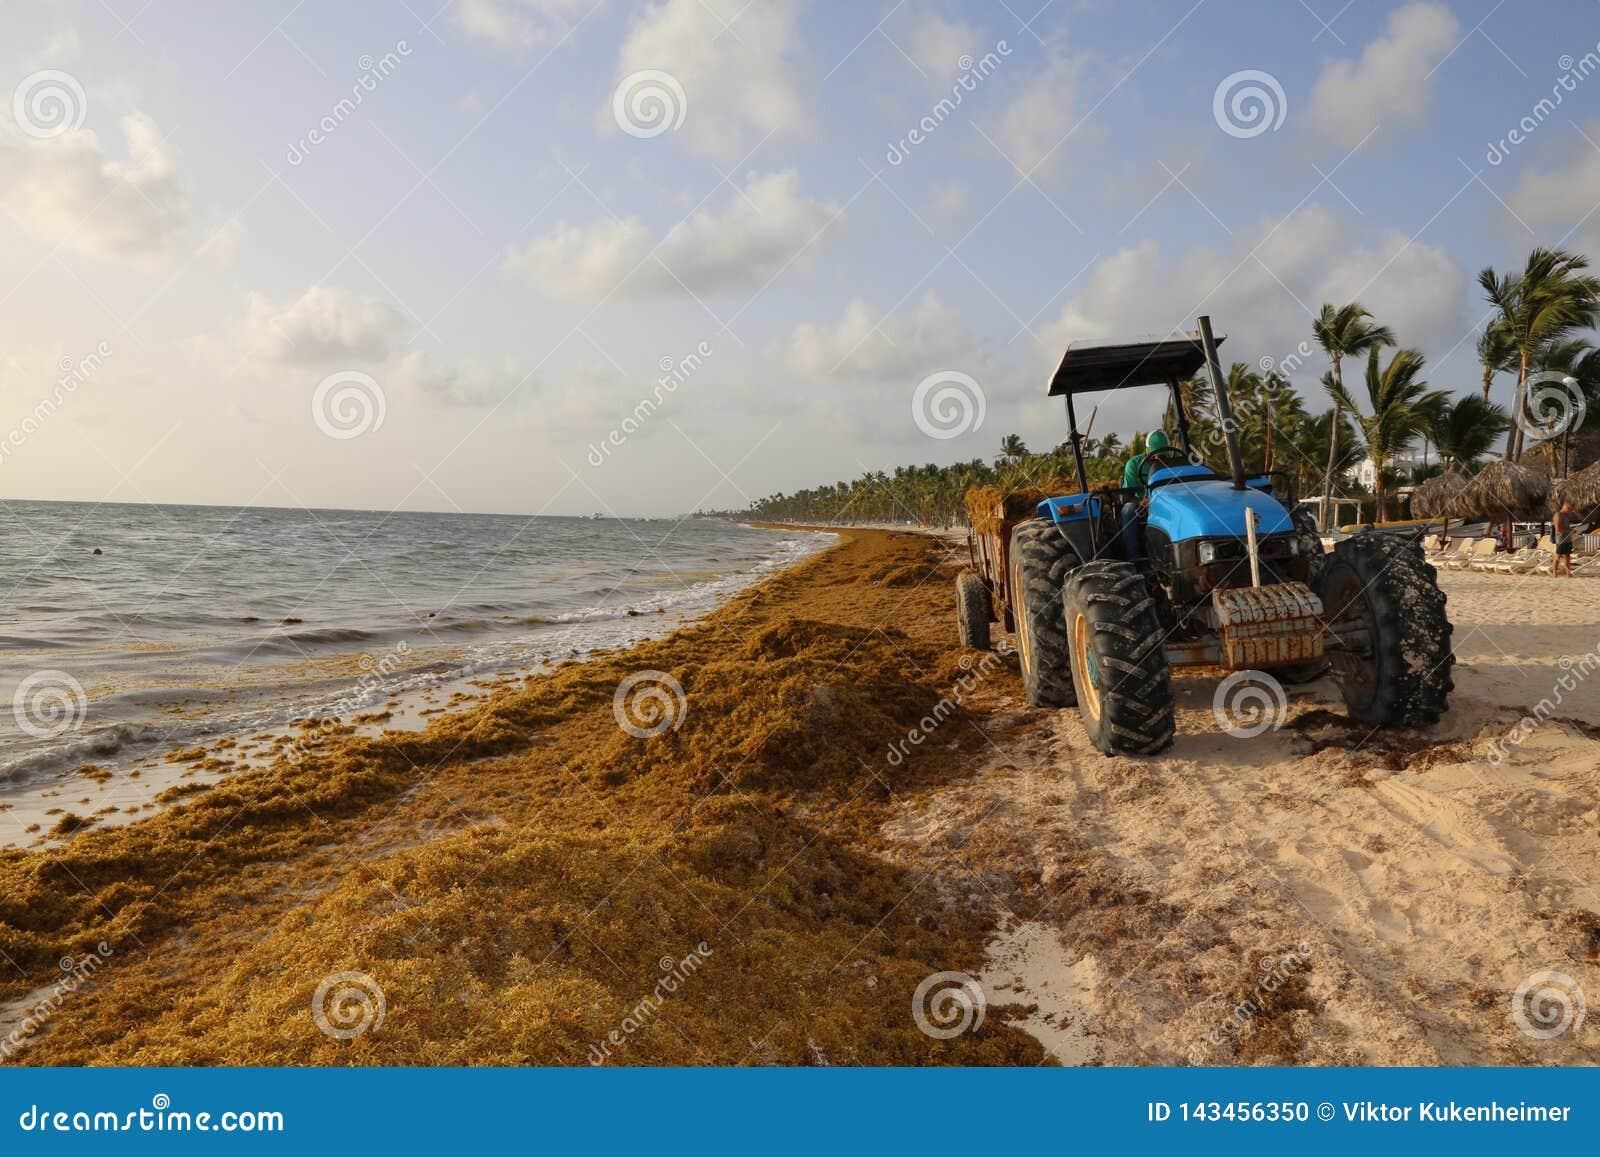 Tractor en la playa en la República Dominicana del Caribe